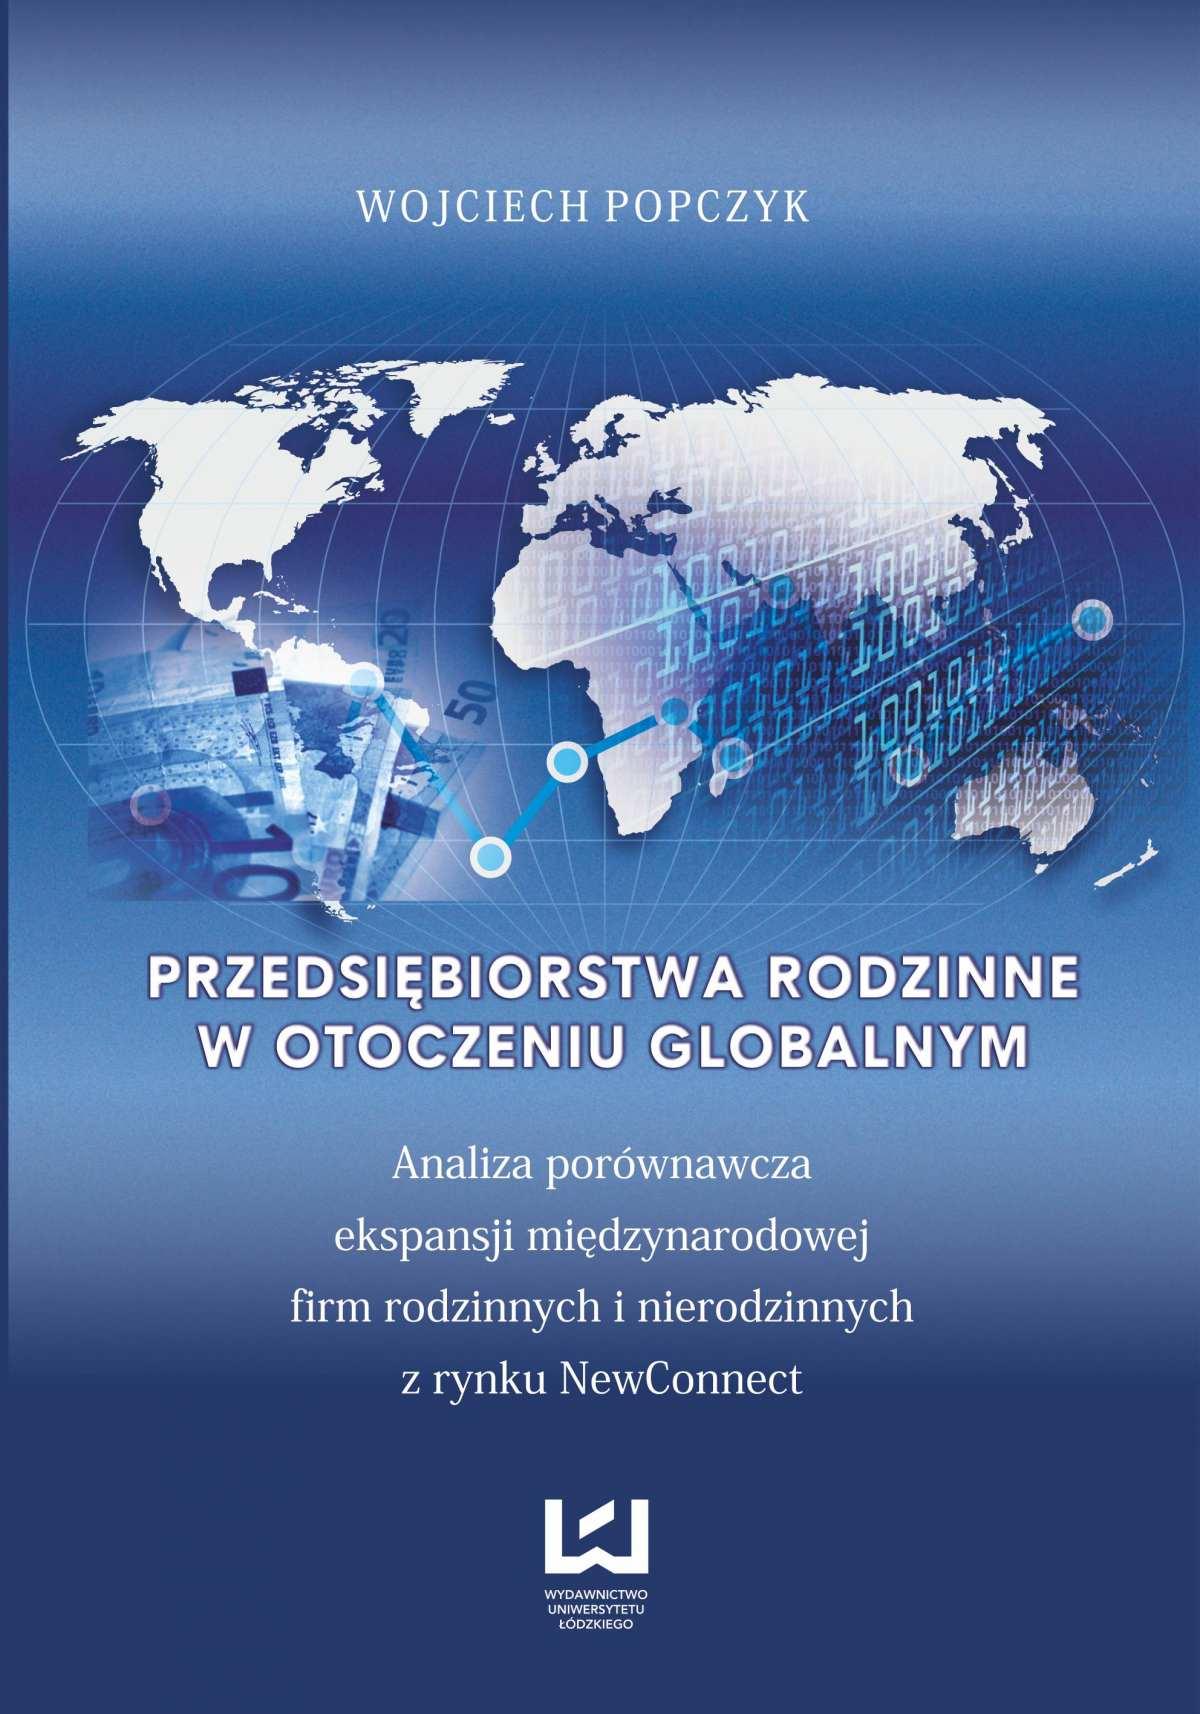 Przedsiębiorstwa rodzinne w otoczeniu globalnym. Analiza porównawcza ekspansji międzynarodowej firm rodzinnych i nierodzinnych z rynku NewConnect - Ebook (Książka PDF) do pobrania w formacie PDF